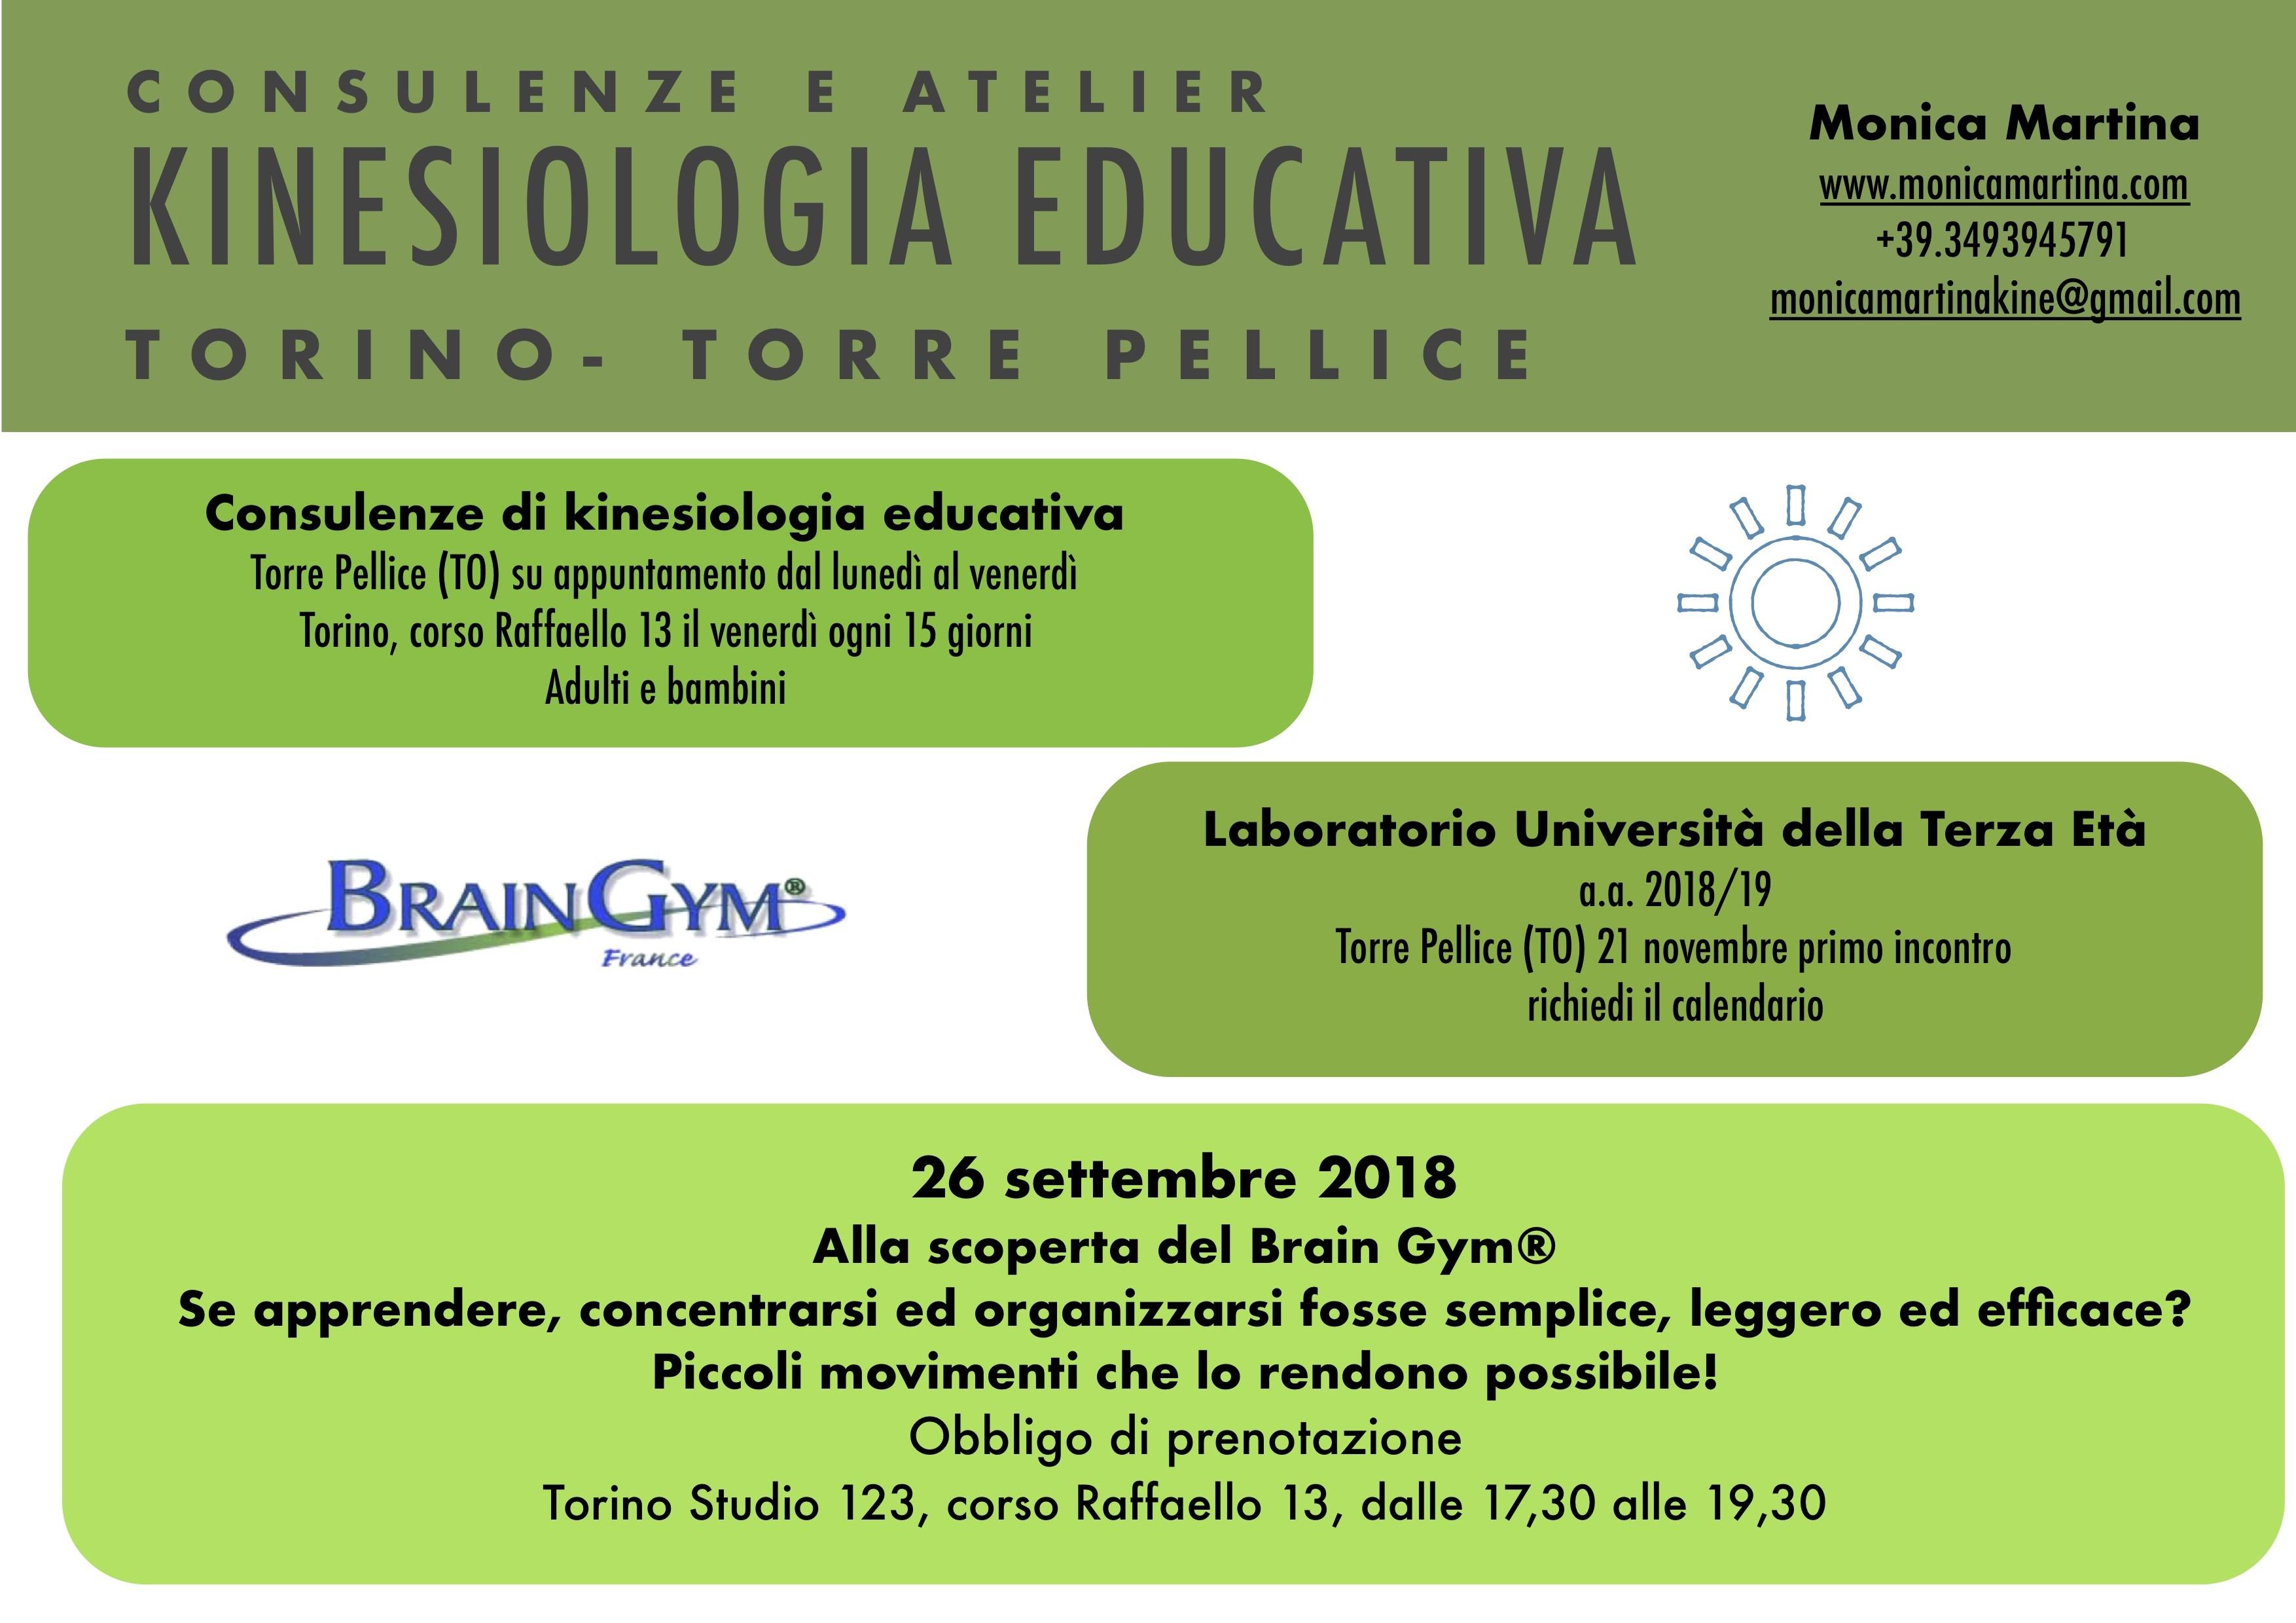 Calendario 2019 Ottobre Más Recientes Kinesiologia Educativa Brain Gym touch for Health Psych K Metodo Of Calendario 2019 Ottobre Más Actual Capodanno 2017 A Siena Piazza Del Campo